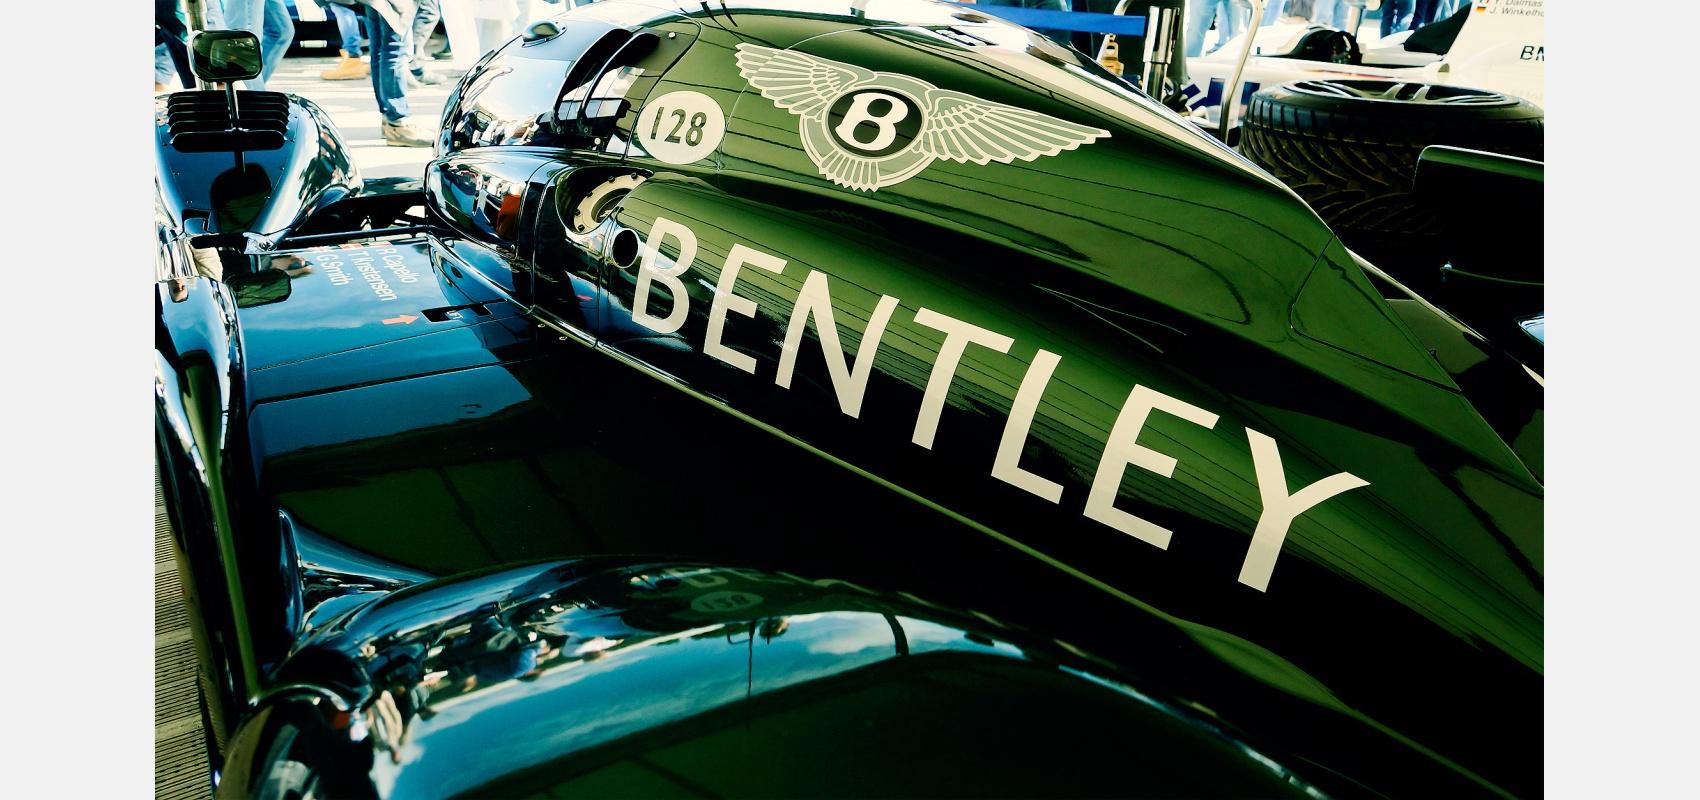 Motorsport, Bentley Speed 8, winner, 2003, Le Mans, 24, hours, Goodwood FoS.